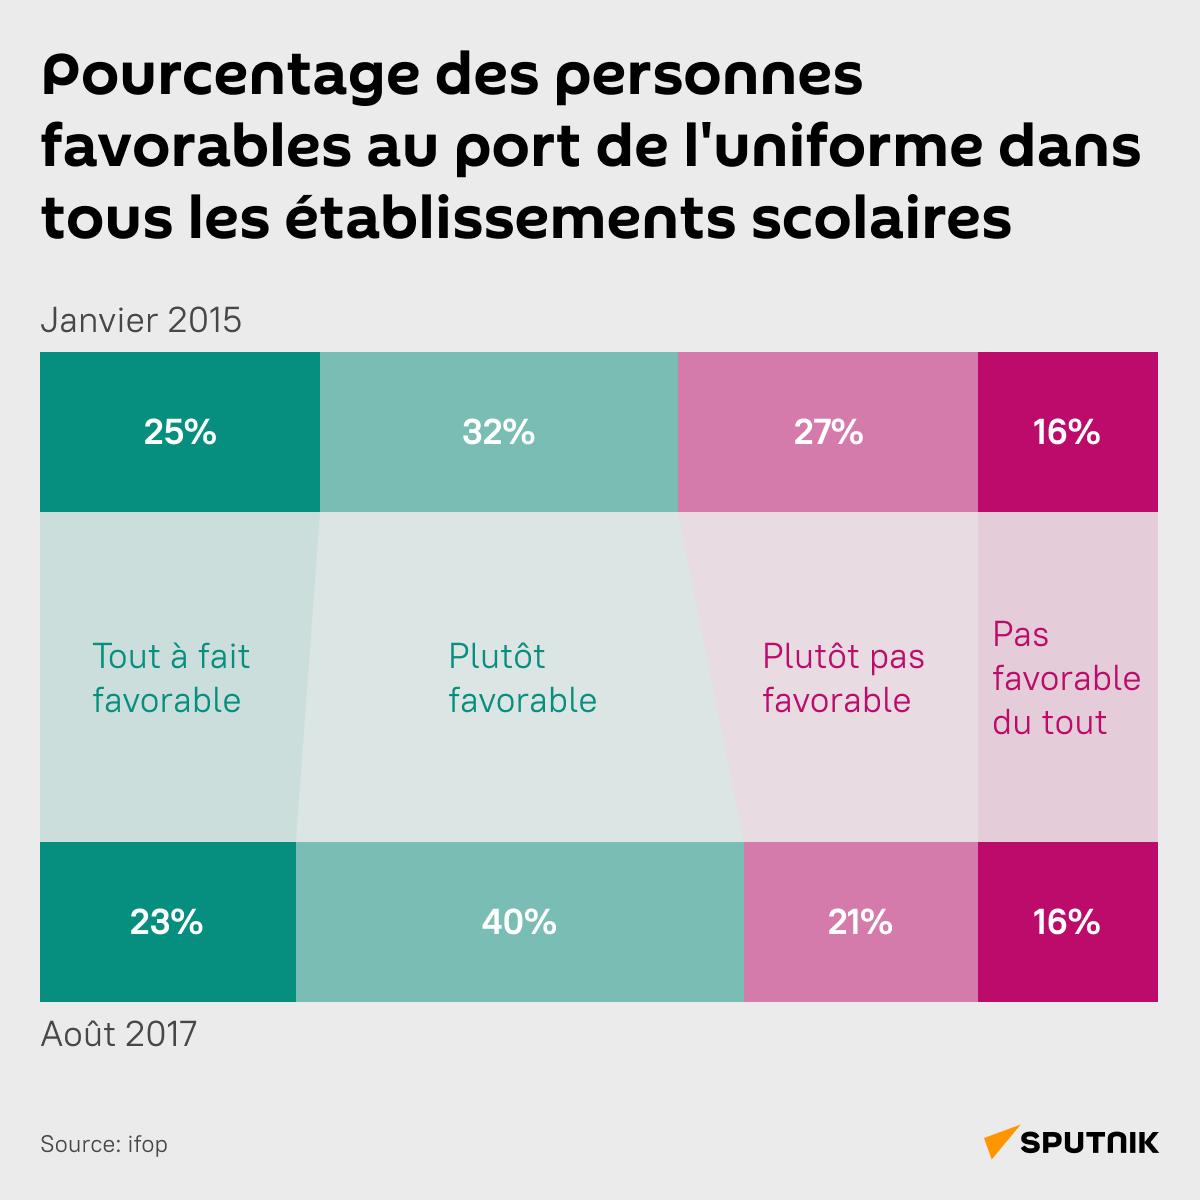 Pourcentage des personnes favorables au port de l'uniforme dans tous les établissements scolaires - Sputnik France